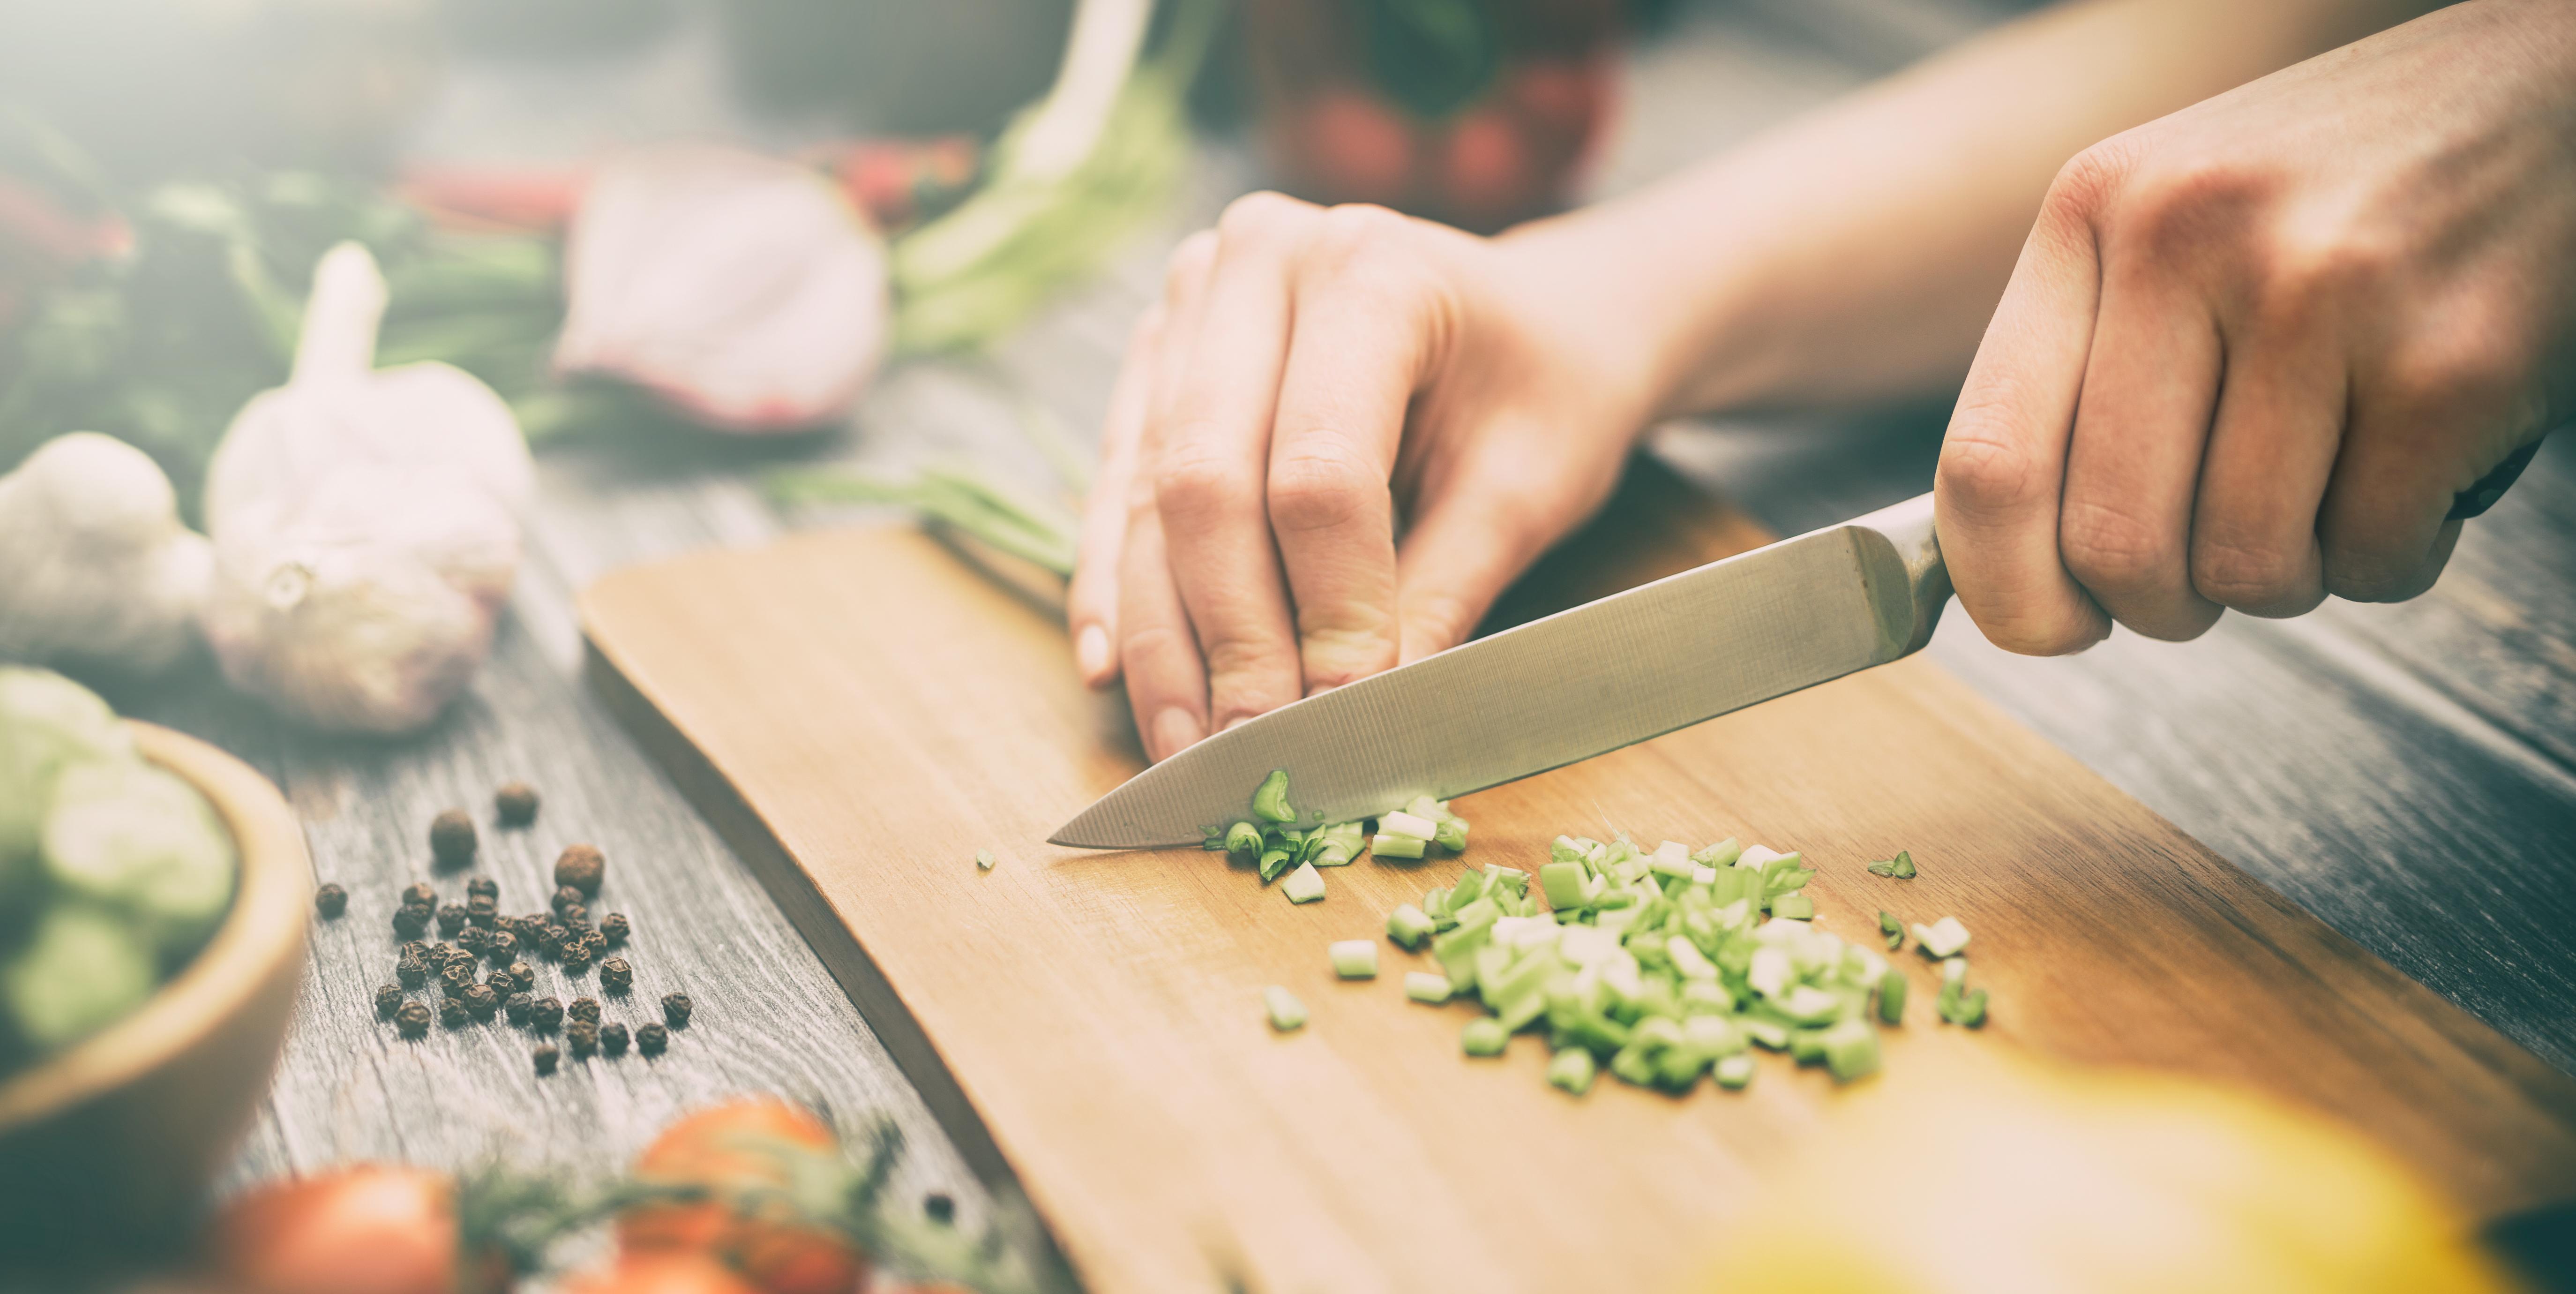 Ce trebuie să știi/faci dacă nu îți place să gătești